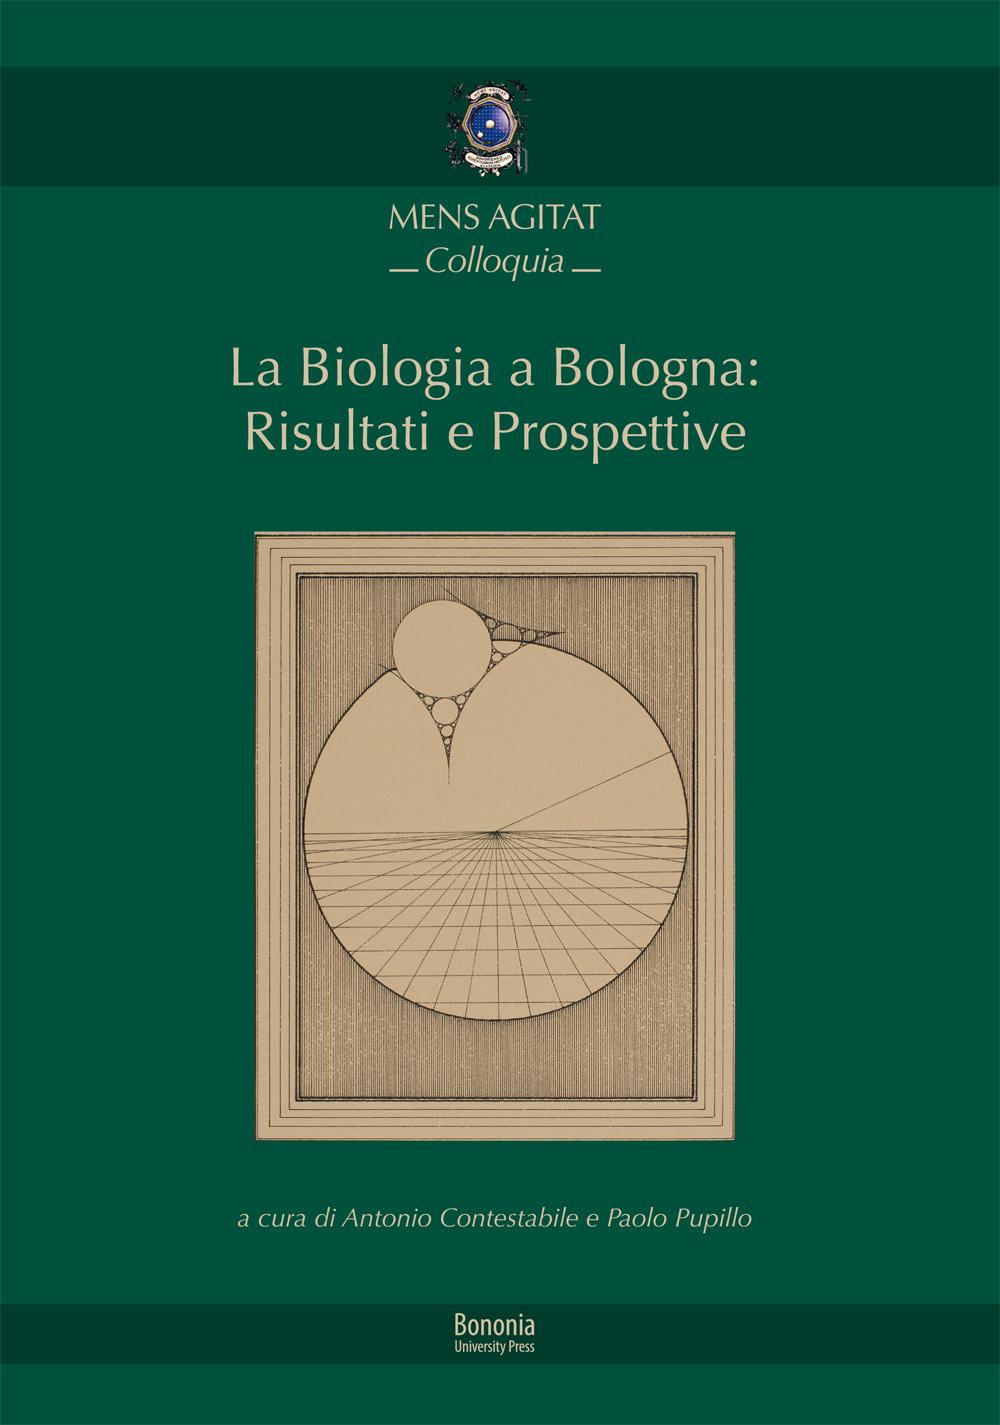 3. La Biologia a Bologna: Risultati e Prospettive - Bononia University Press